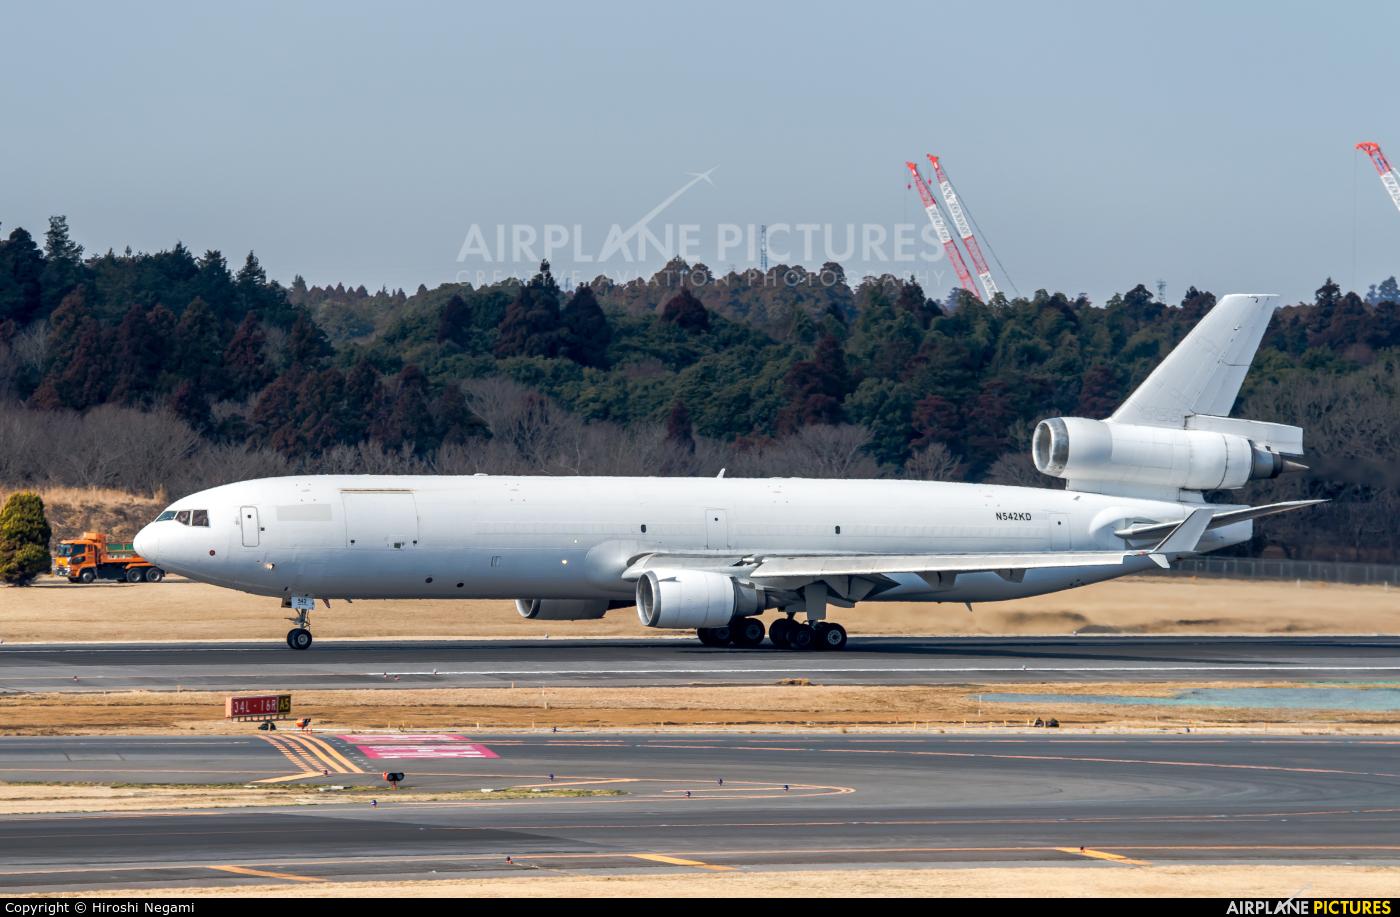 Western Global Airlines N542KD aircraft at Tokyo - Narita Intl